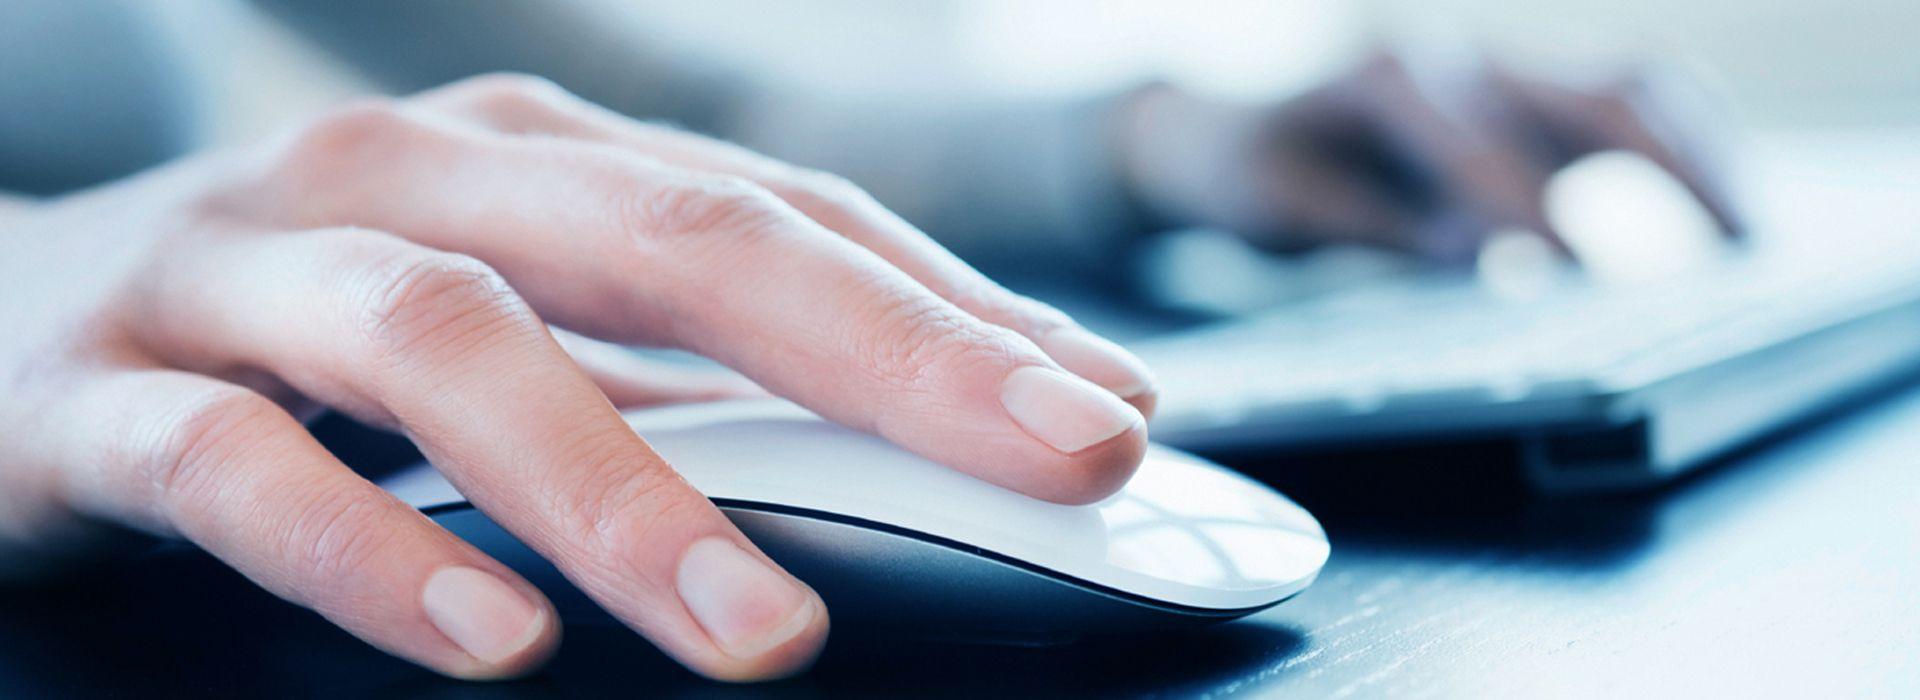 Digital Data Group provide best Easy Online Whats app work